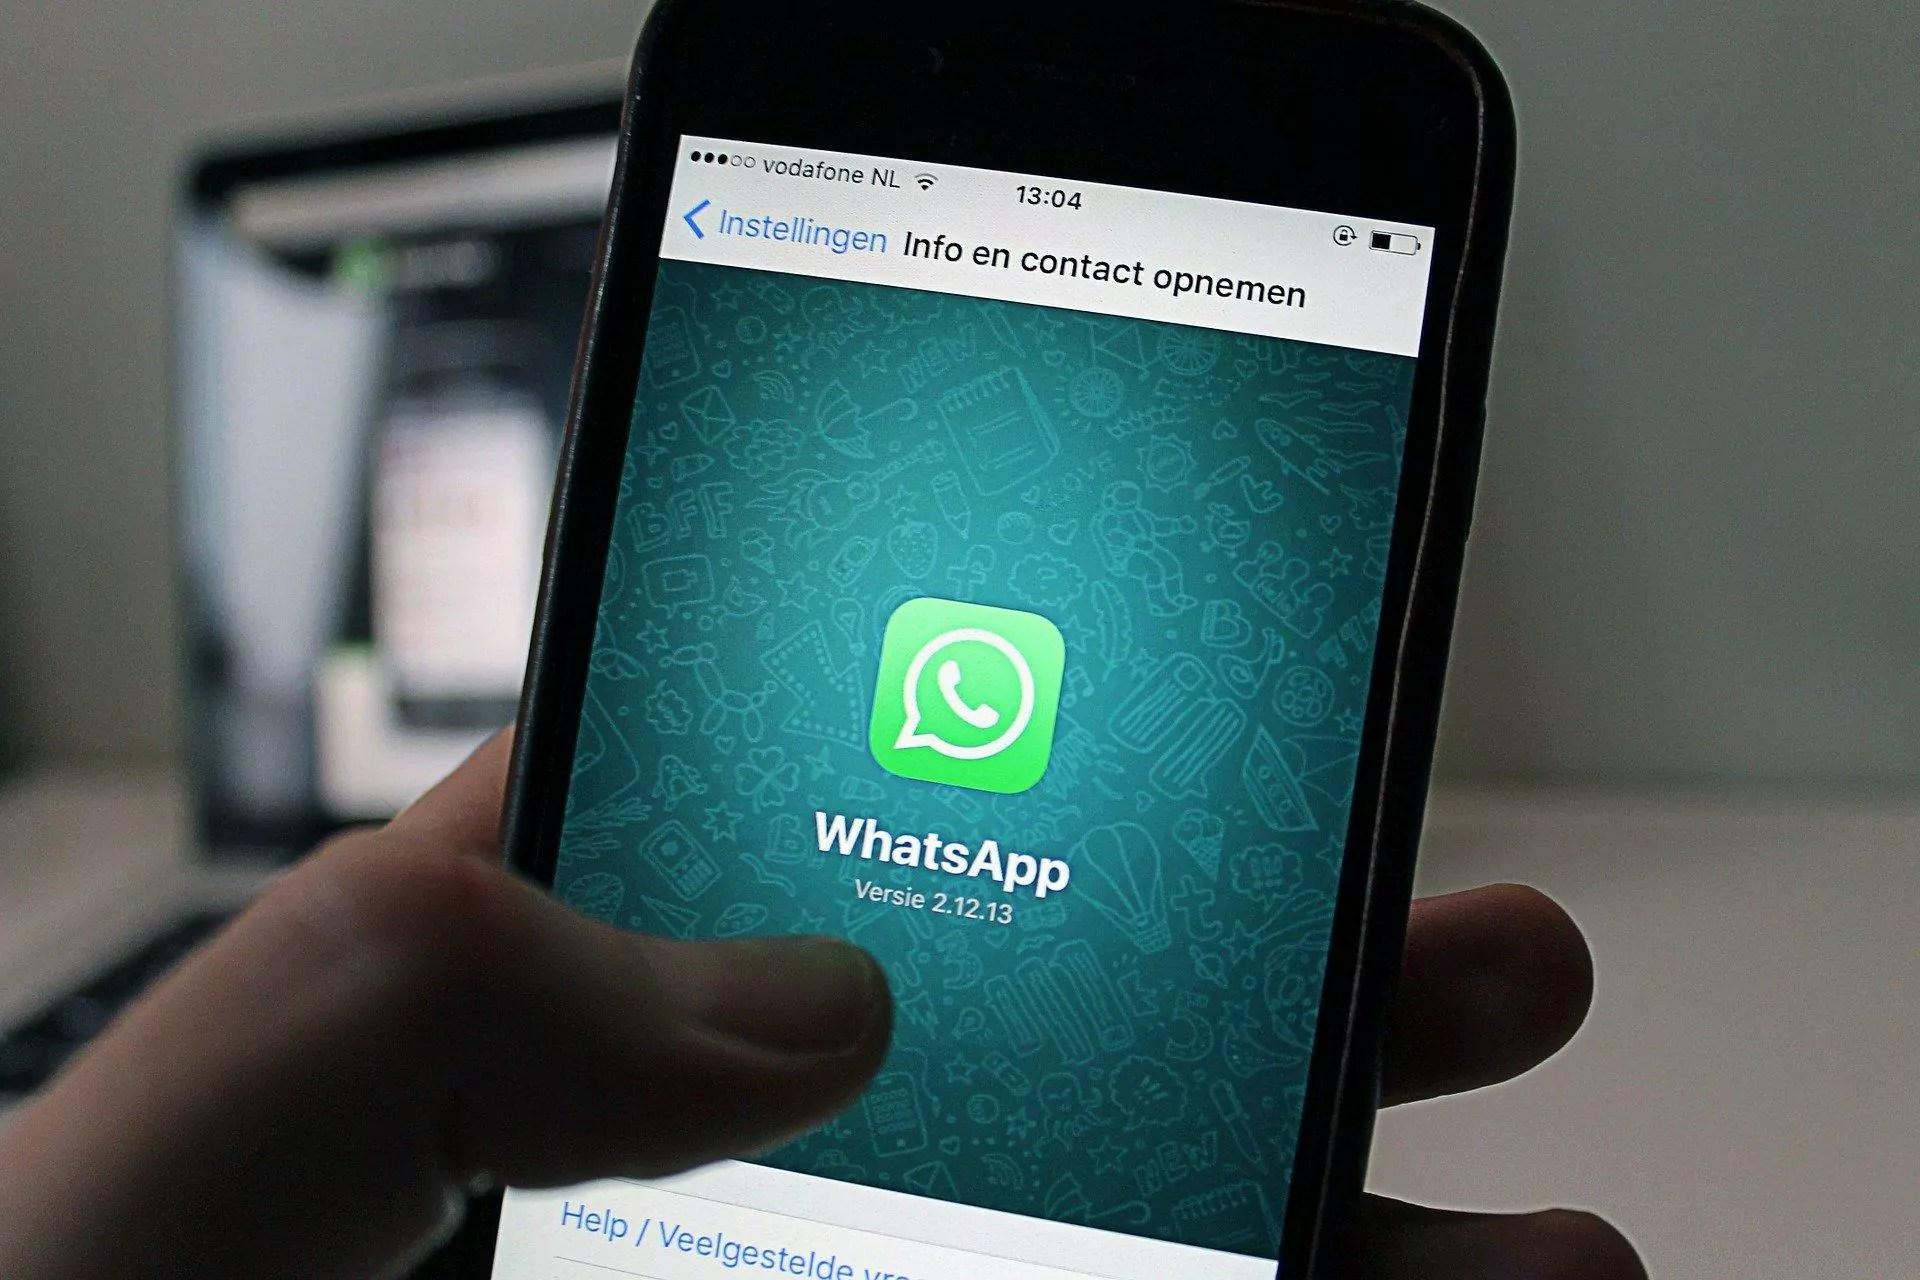 Imagem do aplicativo Whatsapp em um dispositivo móvel